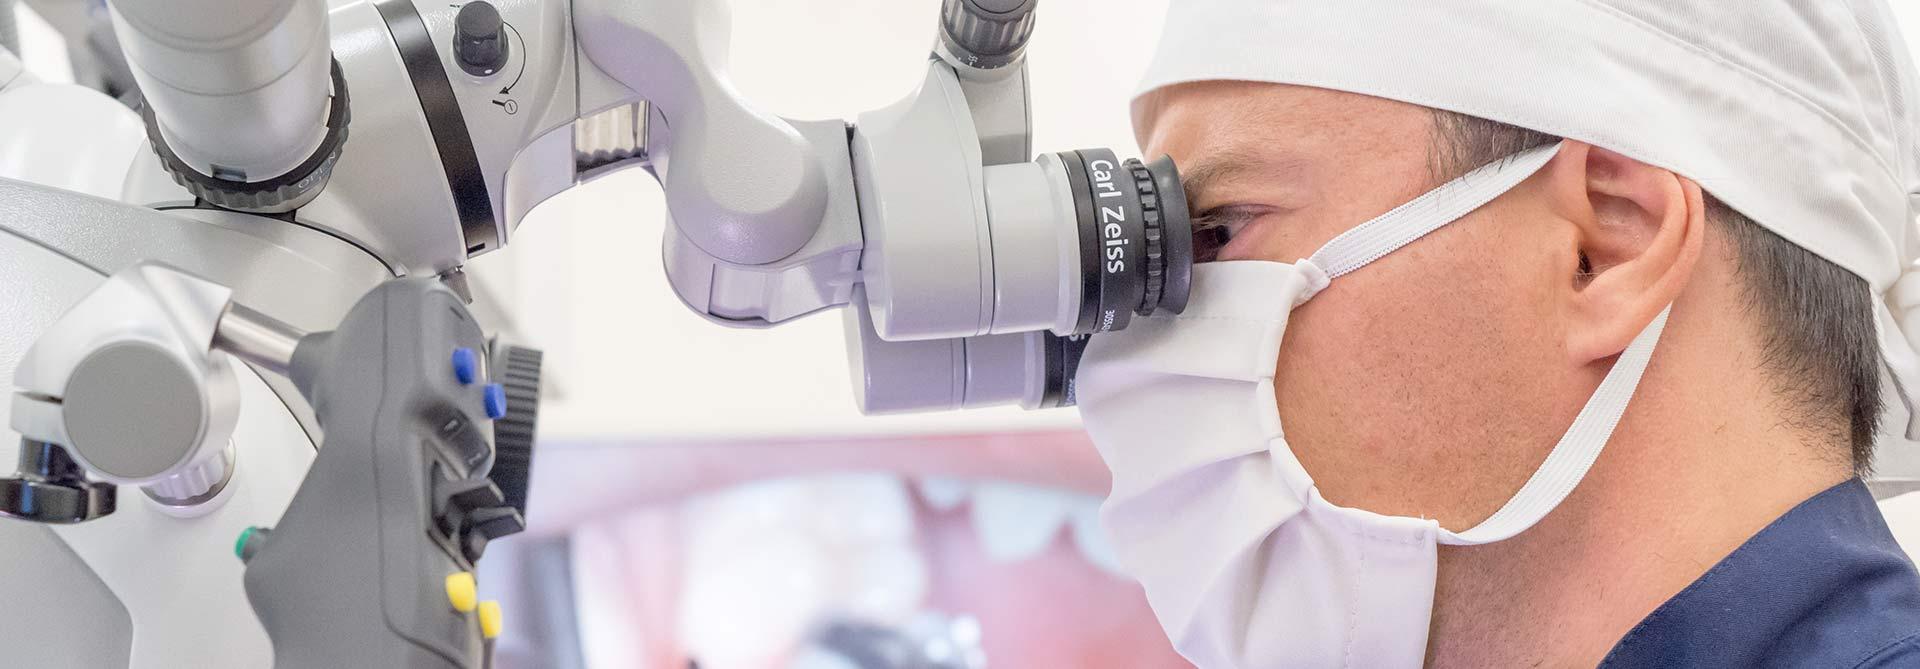 Studio Dentistico Pandolfi | Studio Dentistico Pandolfi